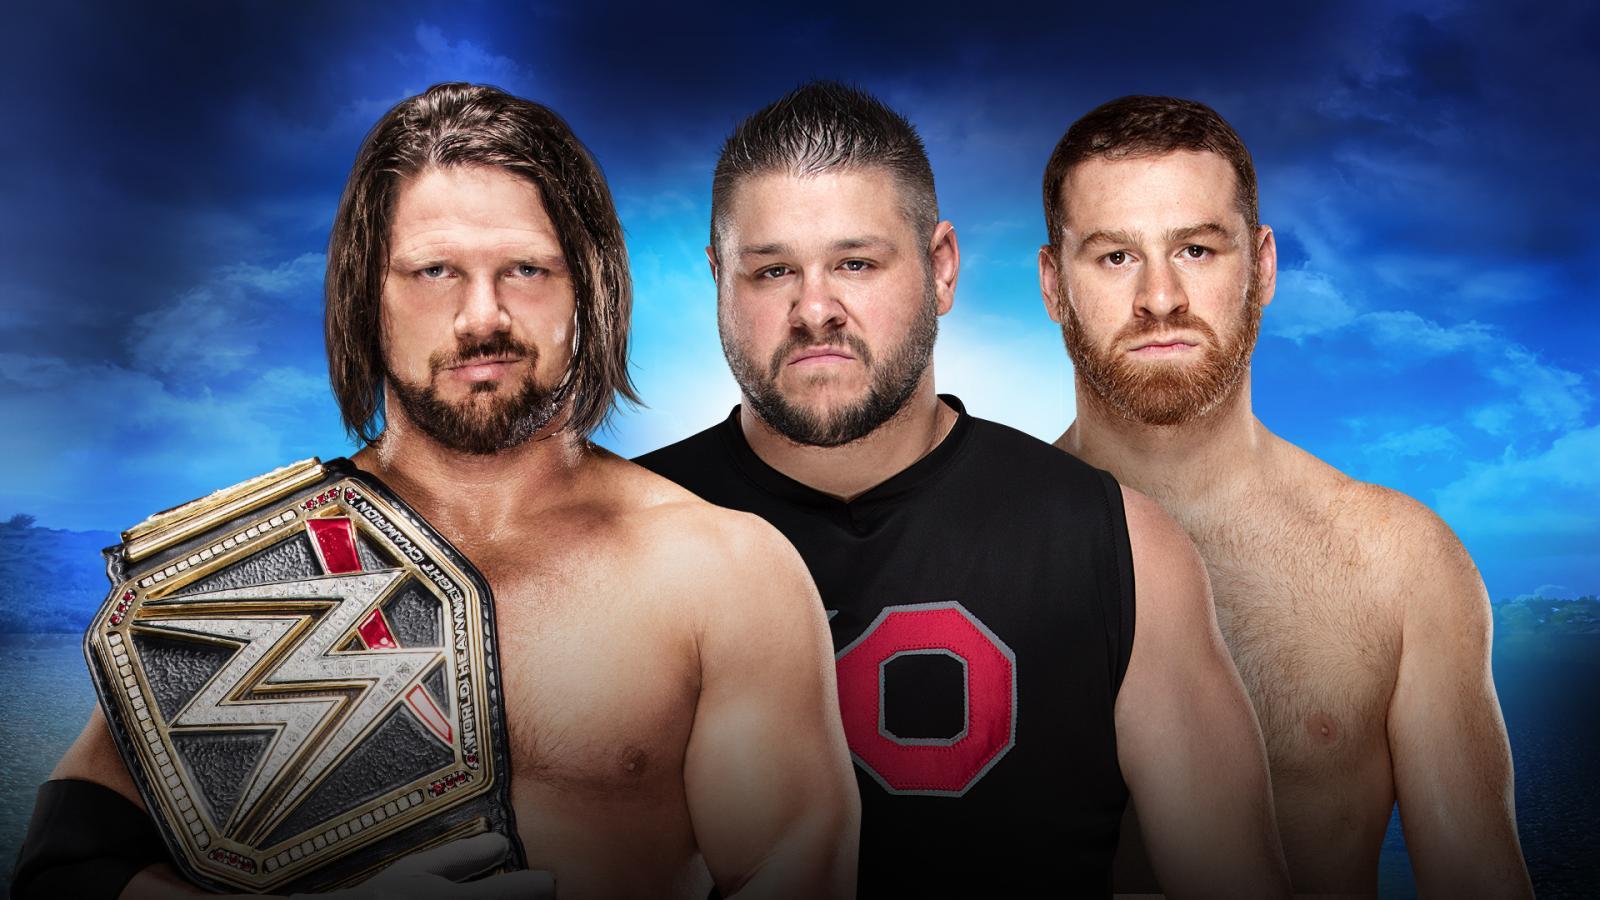 ROYAL RUMBLE 2018 RESULT: क्या एजे स्टाइल्स को दो रेस्लरो से एक साथ भिड़ना महँगा पड़ गया, जाने कौन बना नया WWE चैम्पियन 46